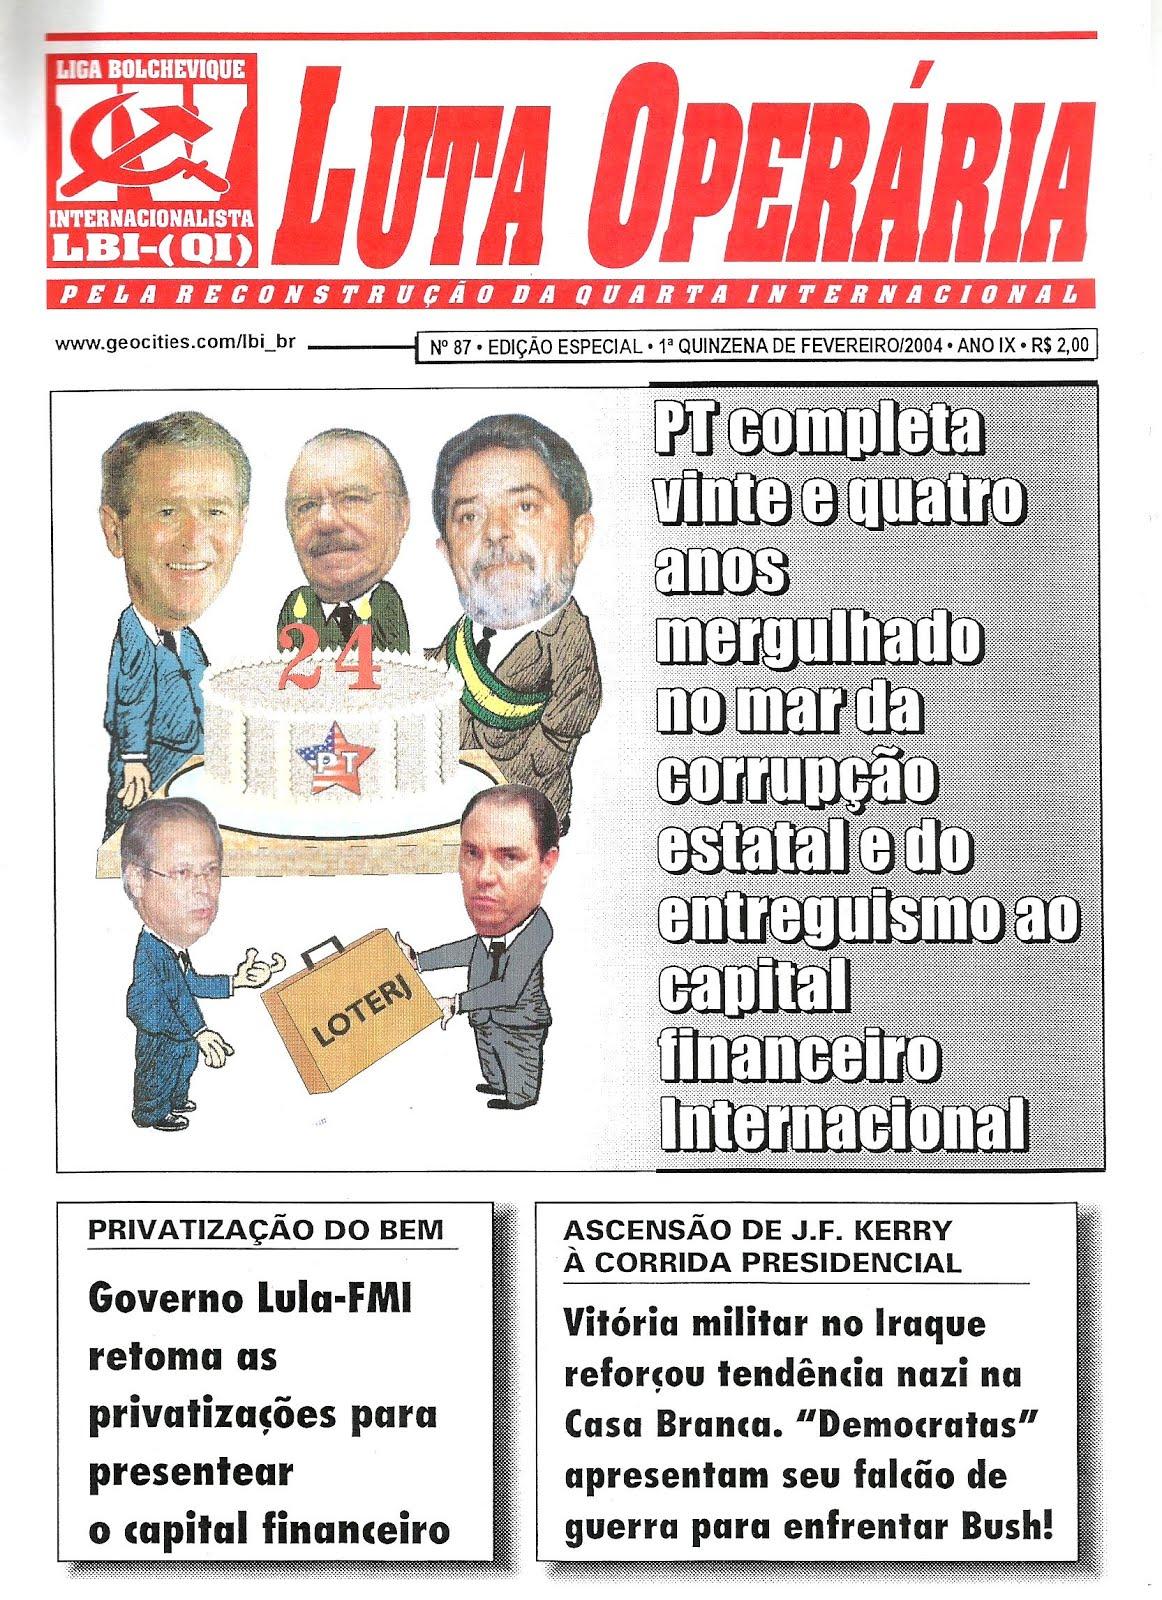 LEIA A EDIÇÃO DO JORNAL LUTA OPERÁRIA Nº 87, 1ª QUINZ. DE FEVEREIRO/2004